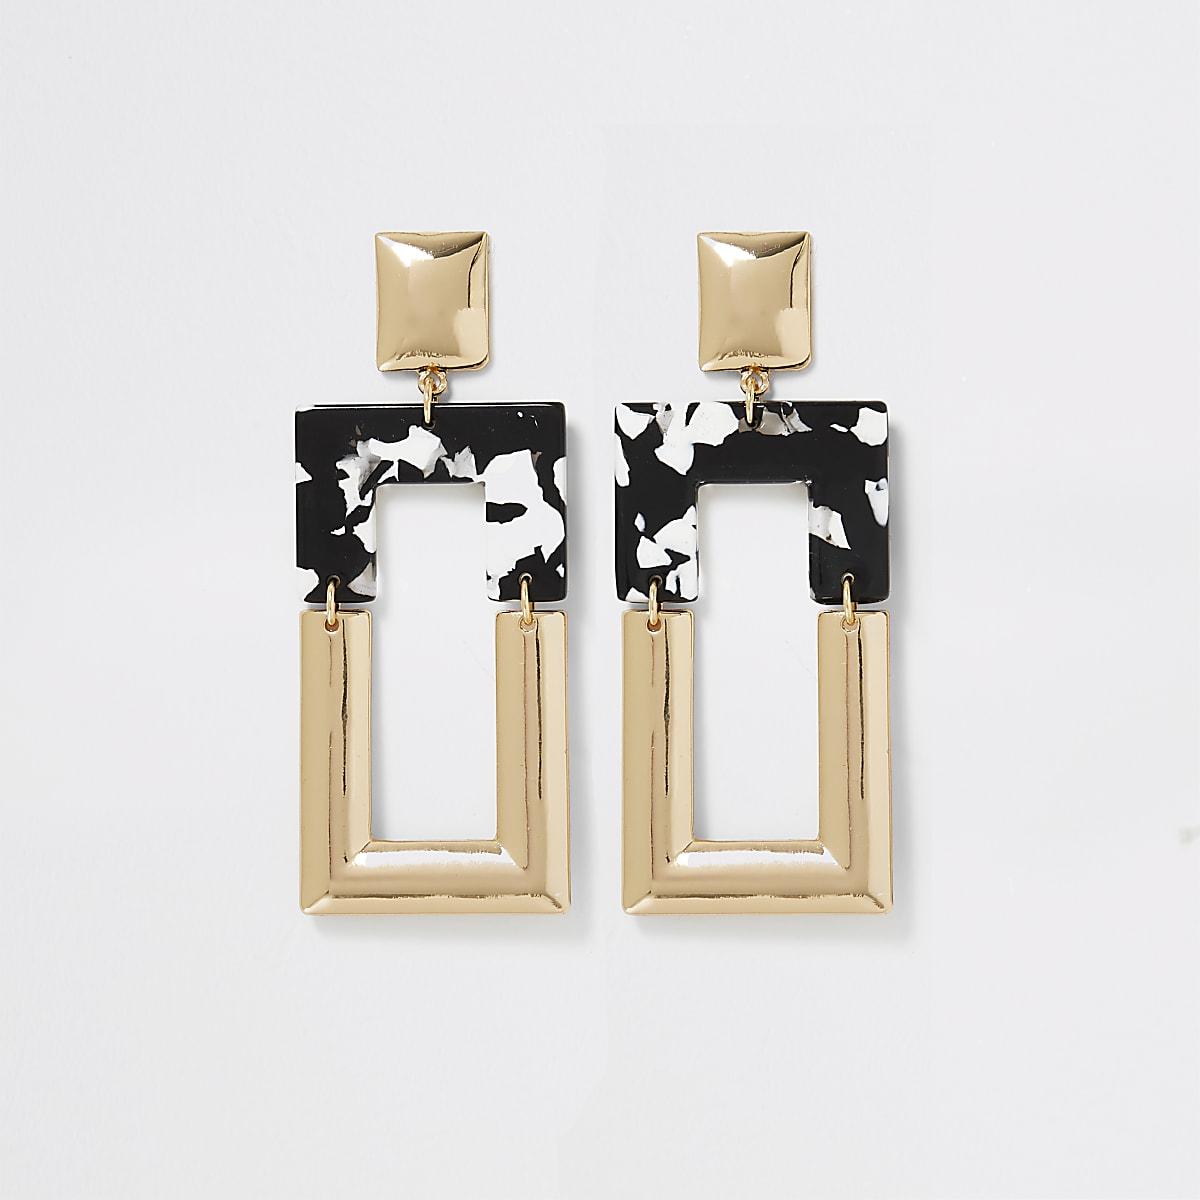 Pendants d'oreilles dorés avec carré imprimé noir et blanc